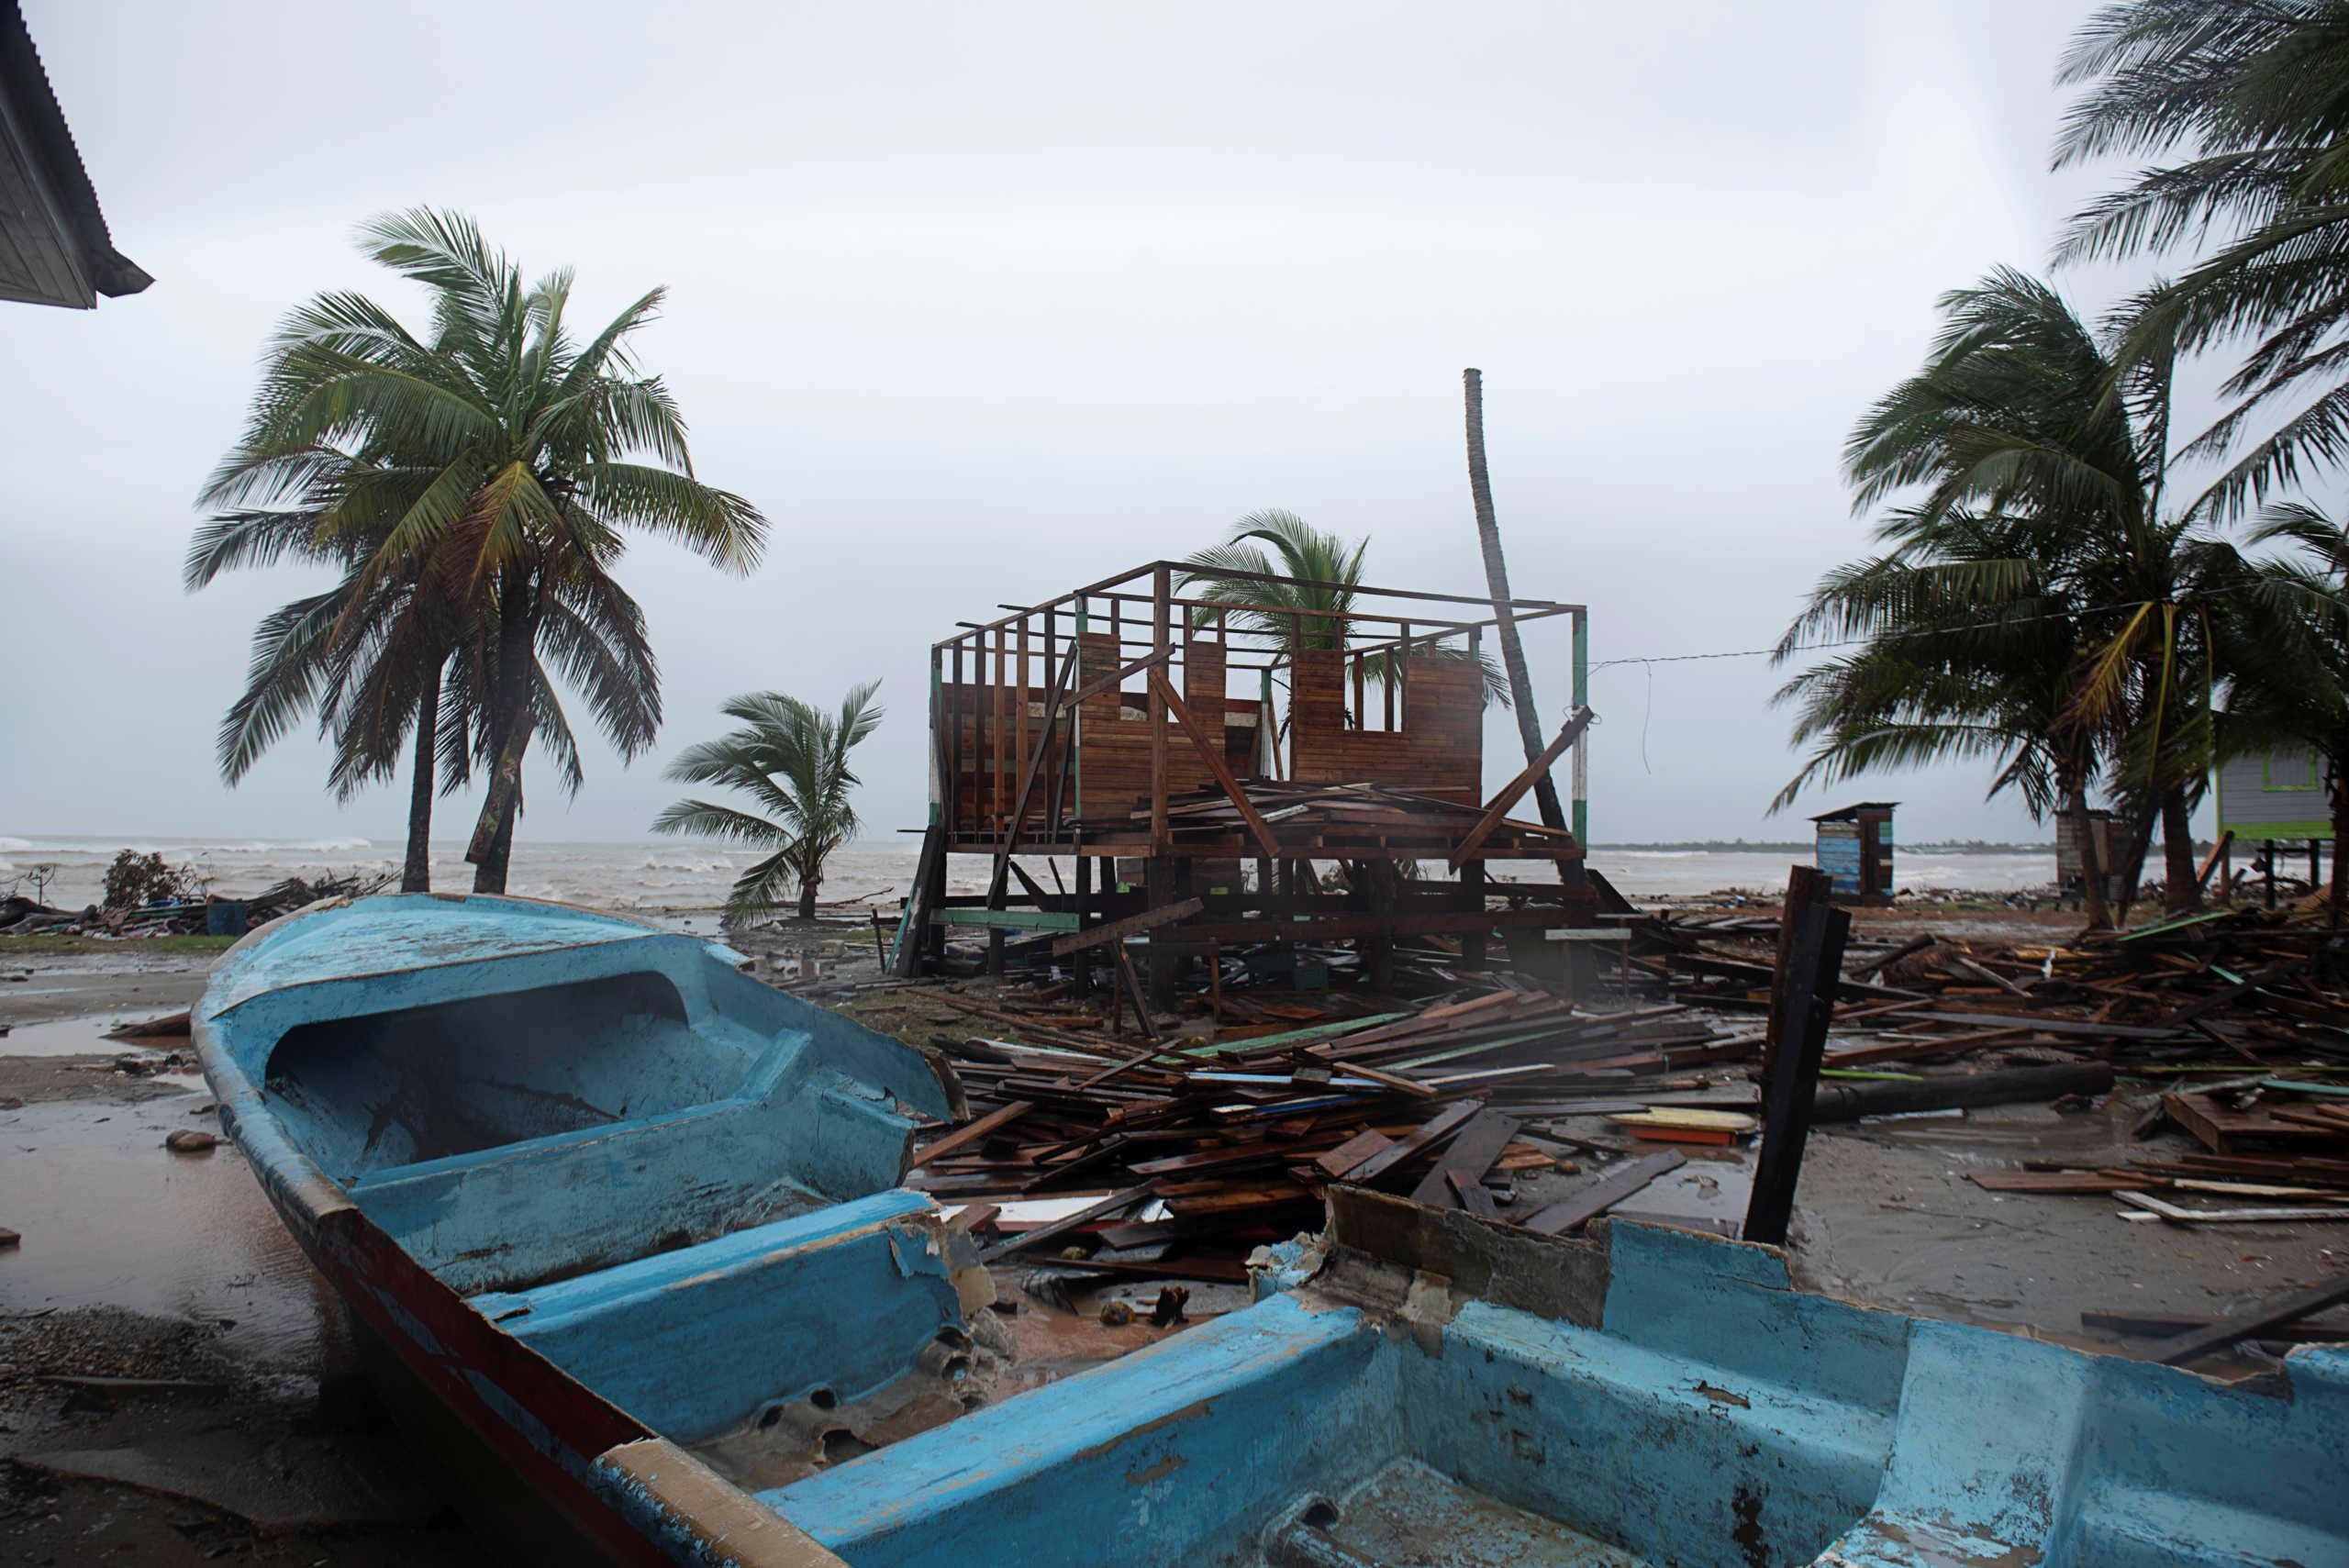 Απίστευτες εικόνες από τον κυκλώνα Γιώτα: Έφτασε στην Καραϊβική στο απόγειό του